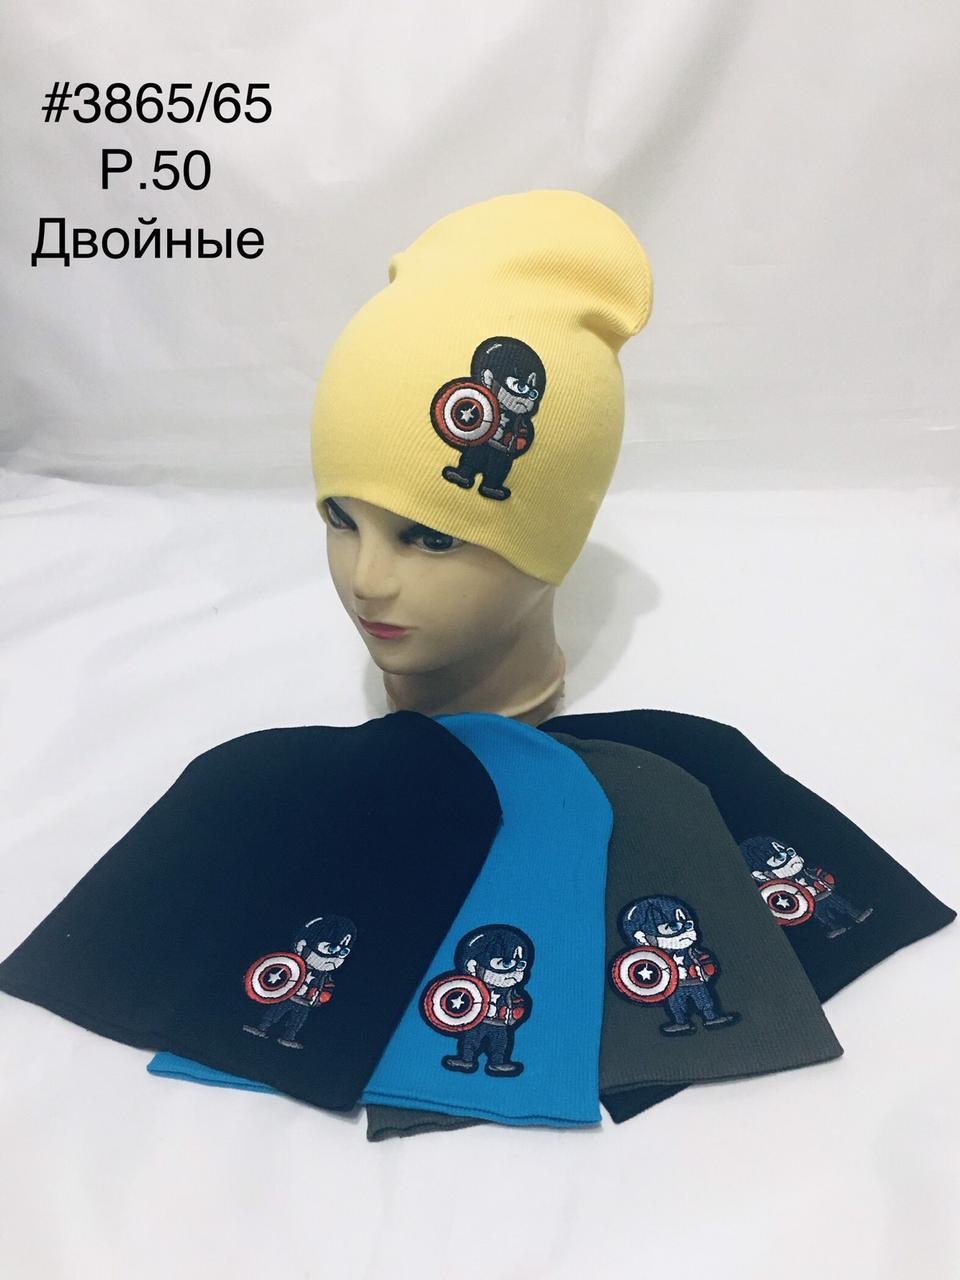 Шапка трикотажна сірий, синій, жовтий, чорний обхват 50 см